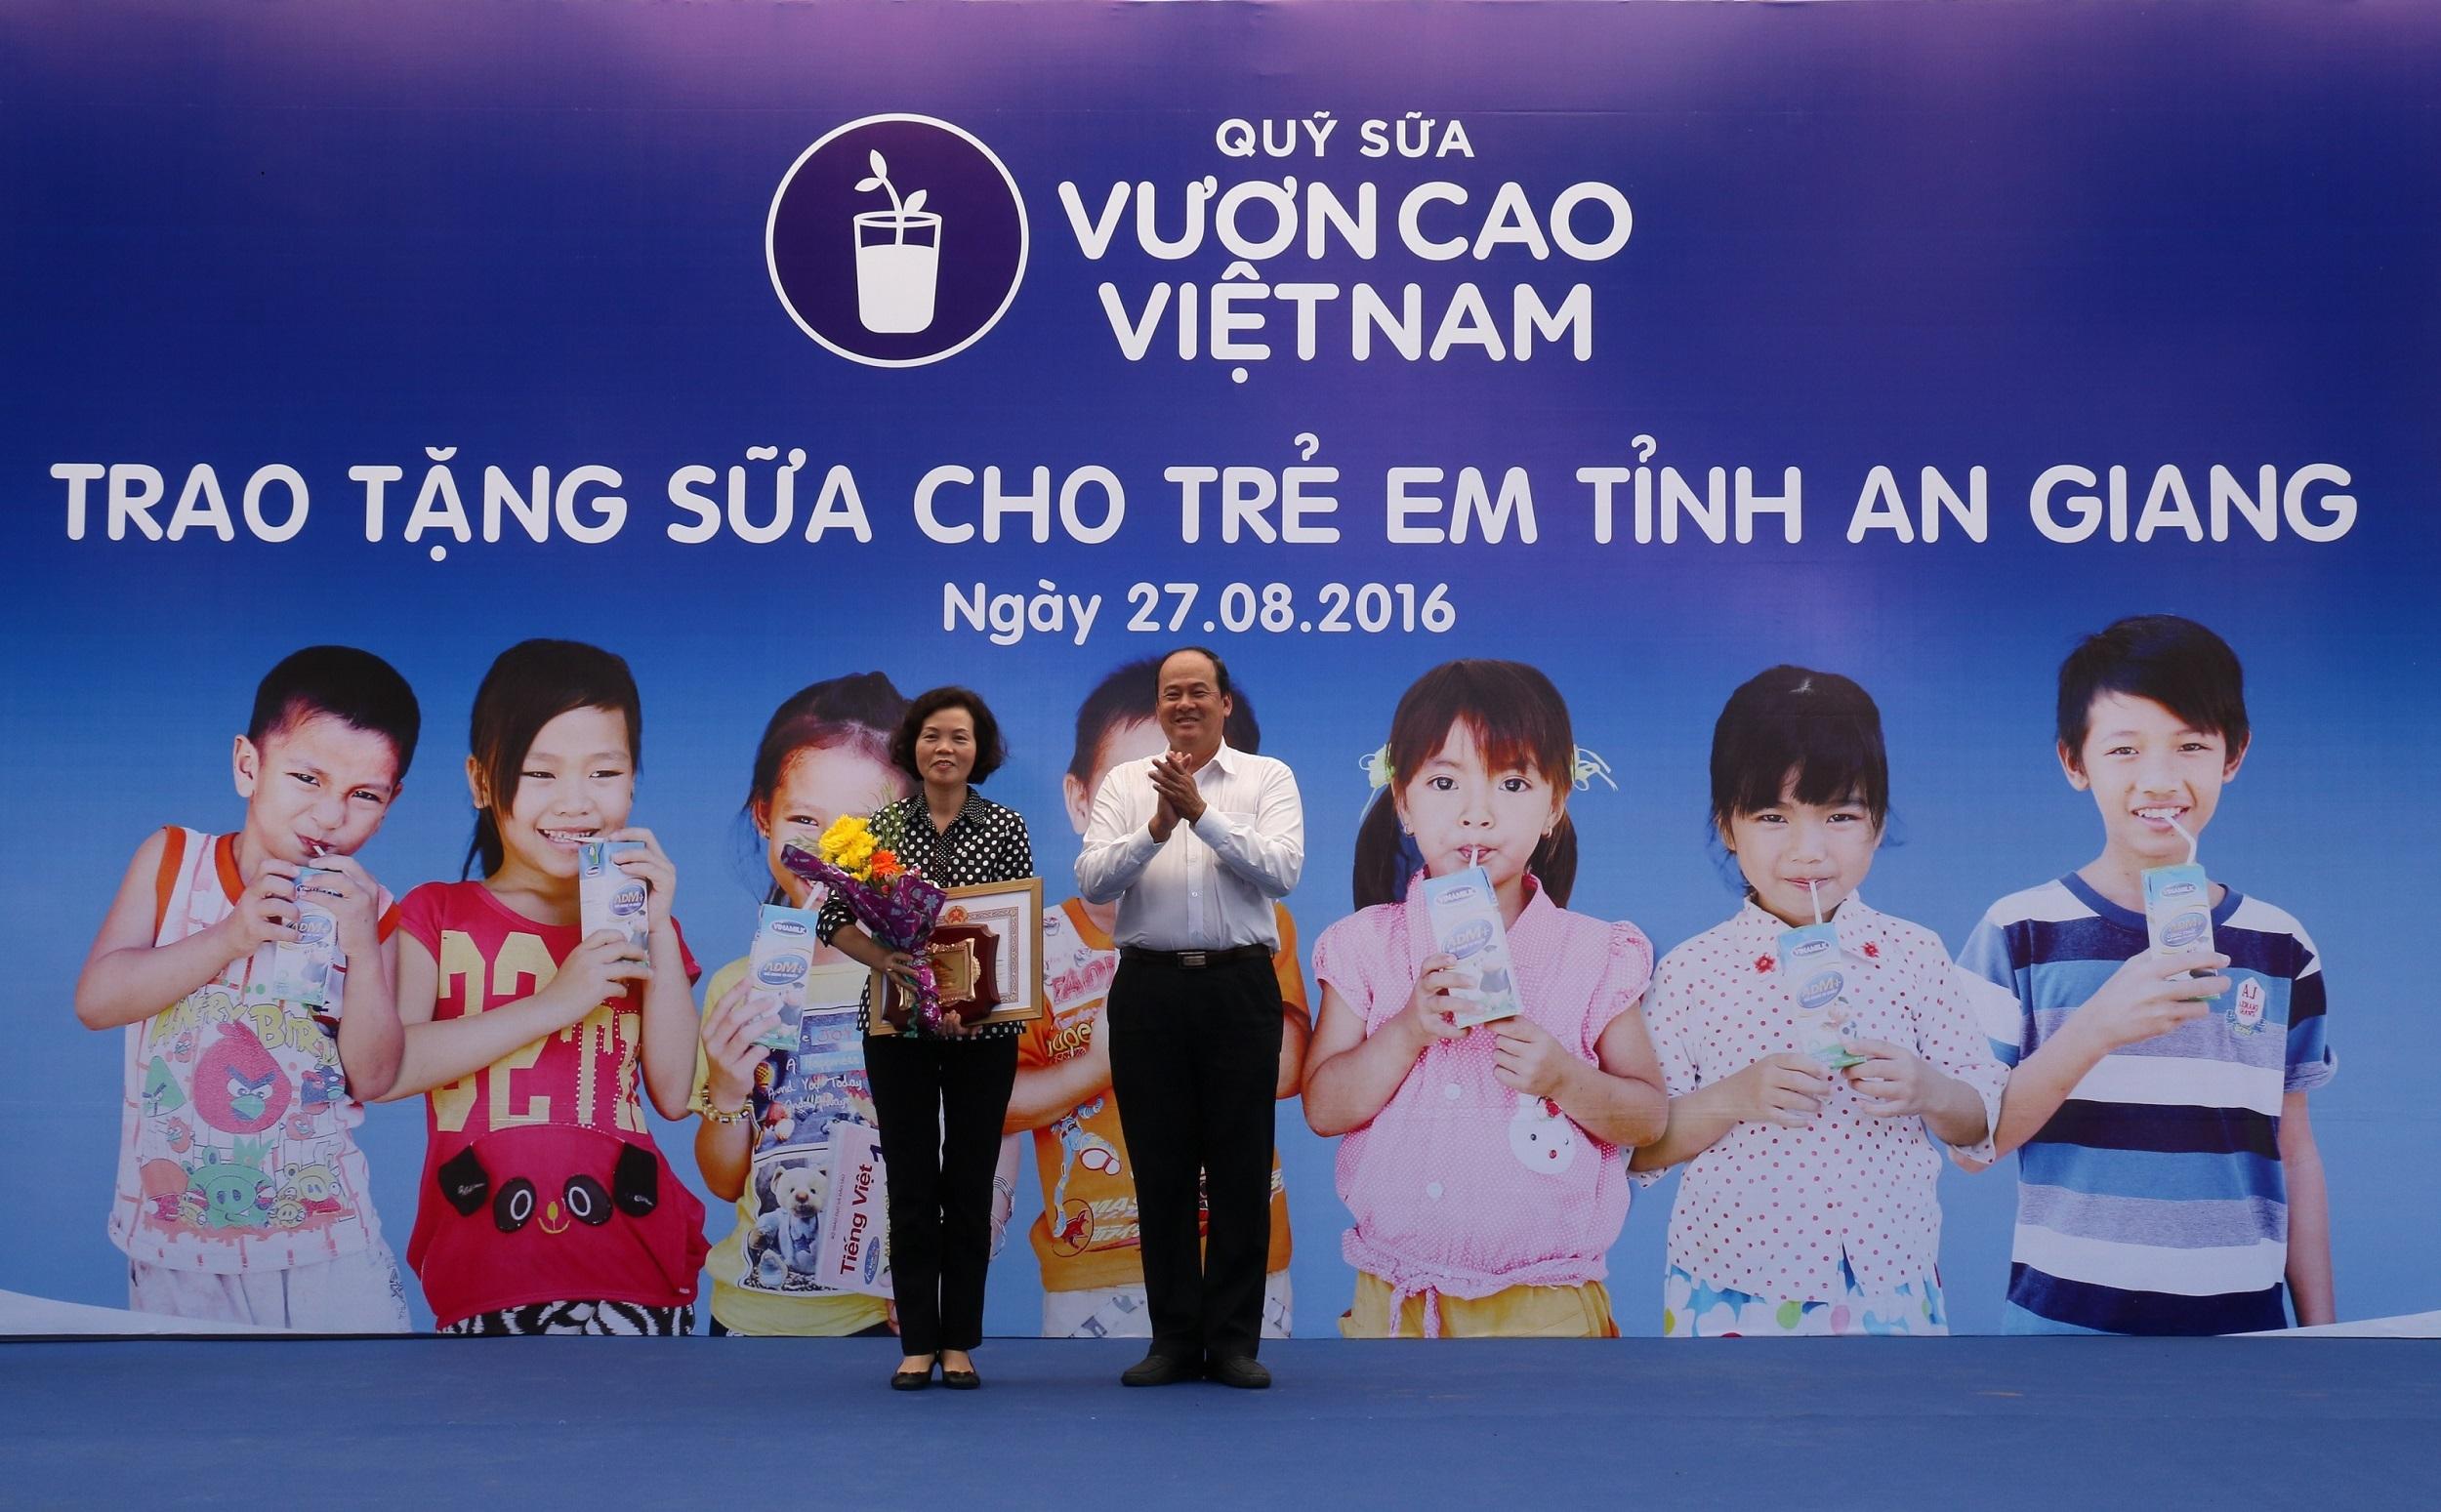 Bùi Thị Hương – Giám đốc điều hành công ty Vinamilk đại diện công ty nhận bằng khen từ UBND tỉnh An Giang vì trong nhiều năm qua đã có nhiều đóng góp cho trẻ em của Tỉnh An Giang.